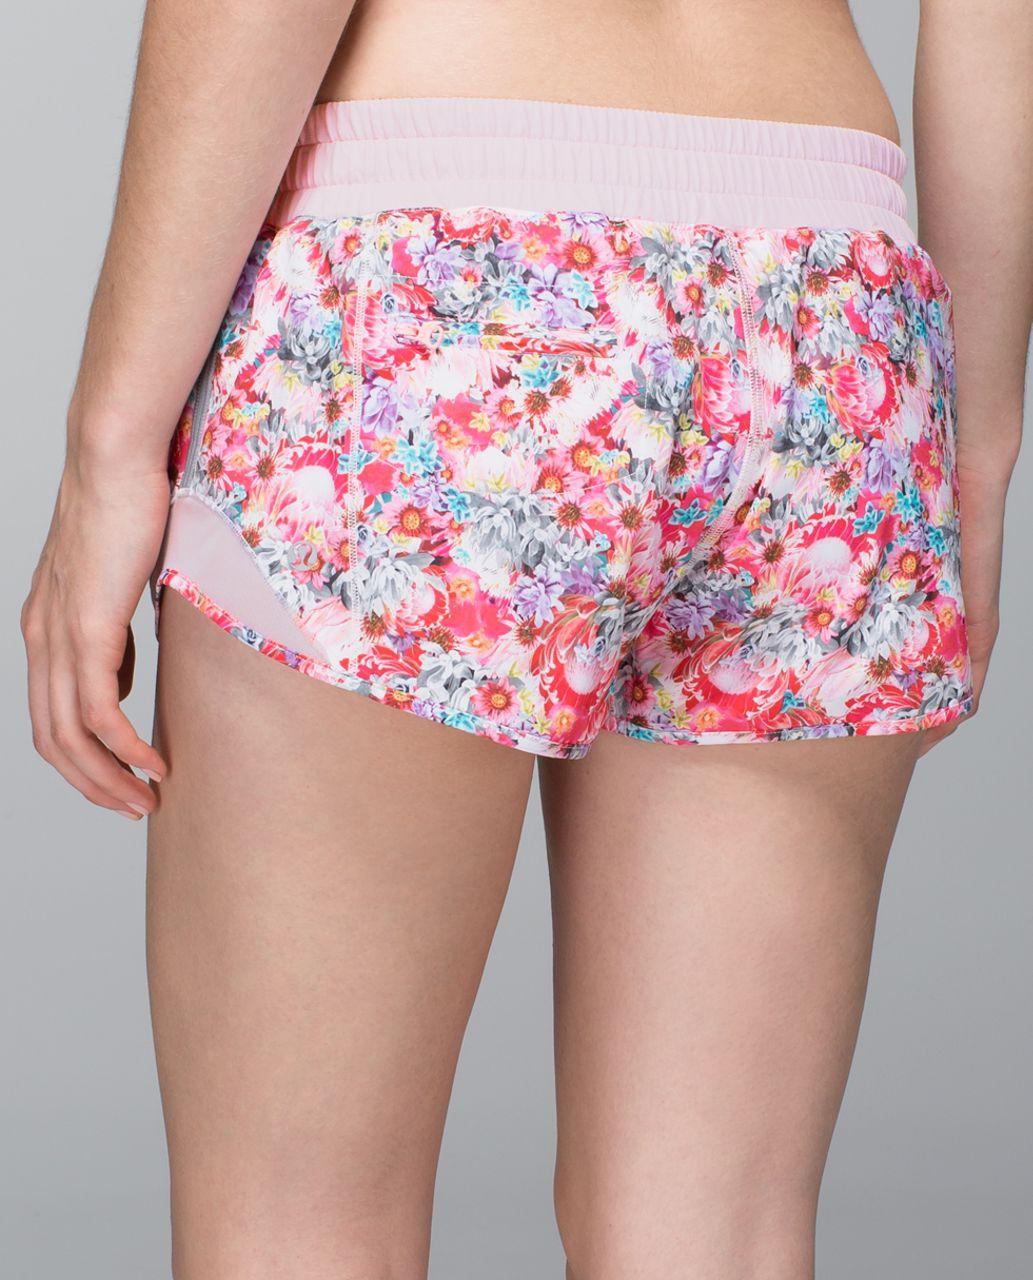 Lululemon Hotty Hot Short - Flowabunga Mini Multi / Barely Pink